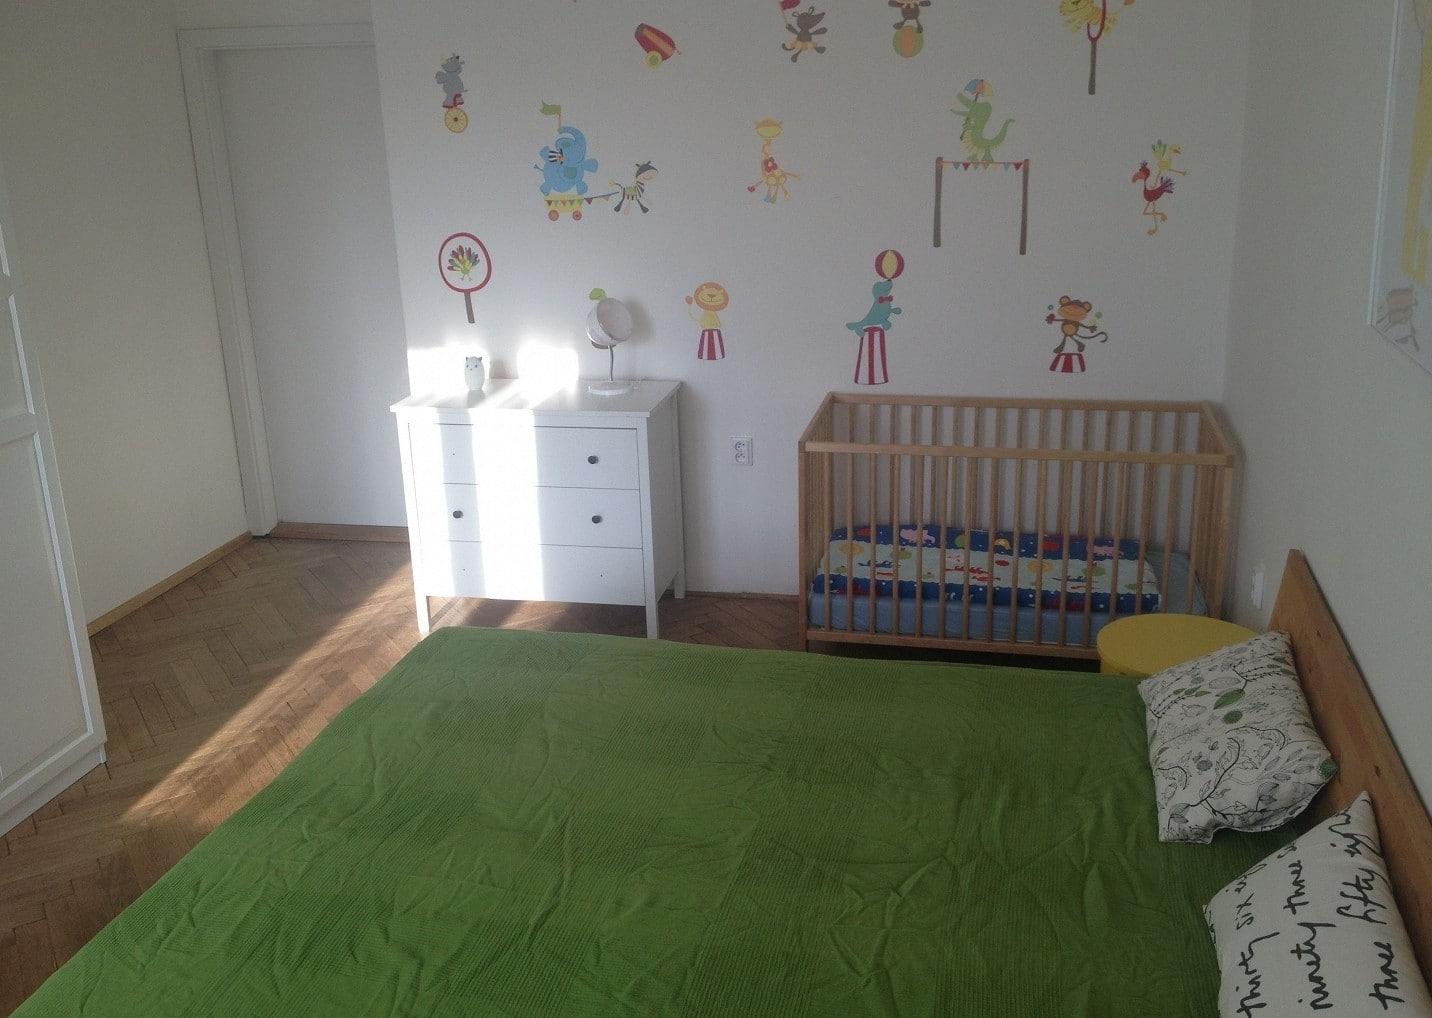 למכירה דירת 3 חדרים בפראג 4, שכונת פודולי (6)